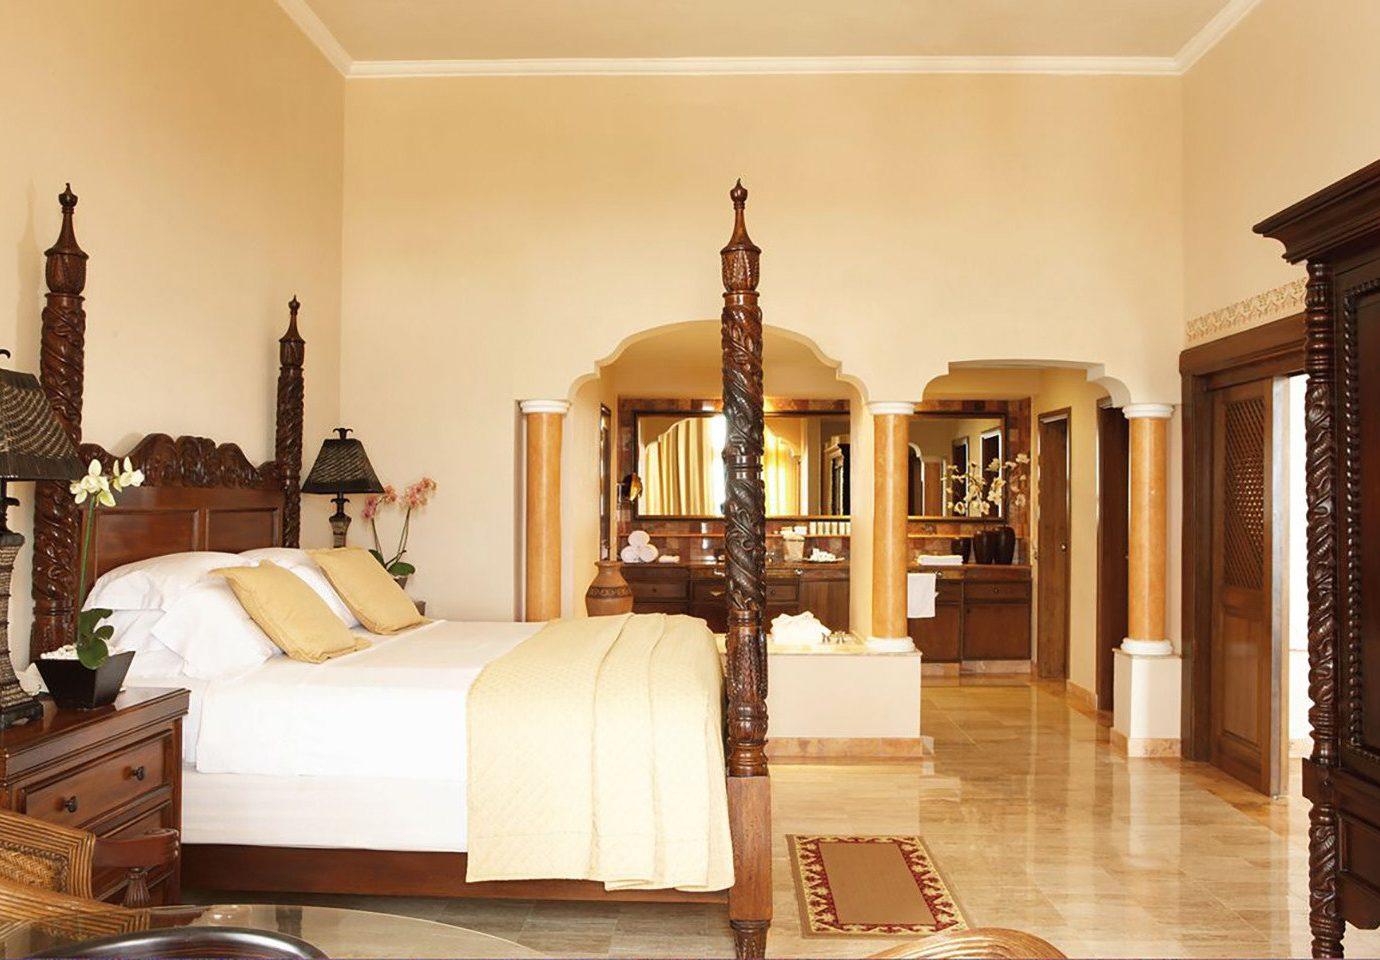 Hotels indoor wall floor room Living property furniture estate Suite ceiling interior design real estate Bedroom bed hacienda bed frame